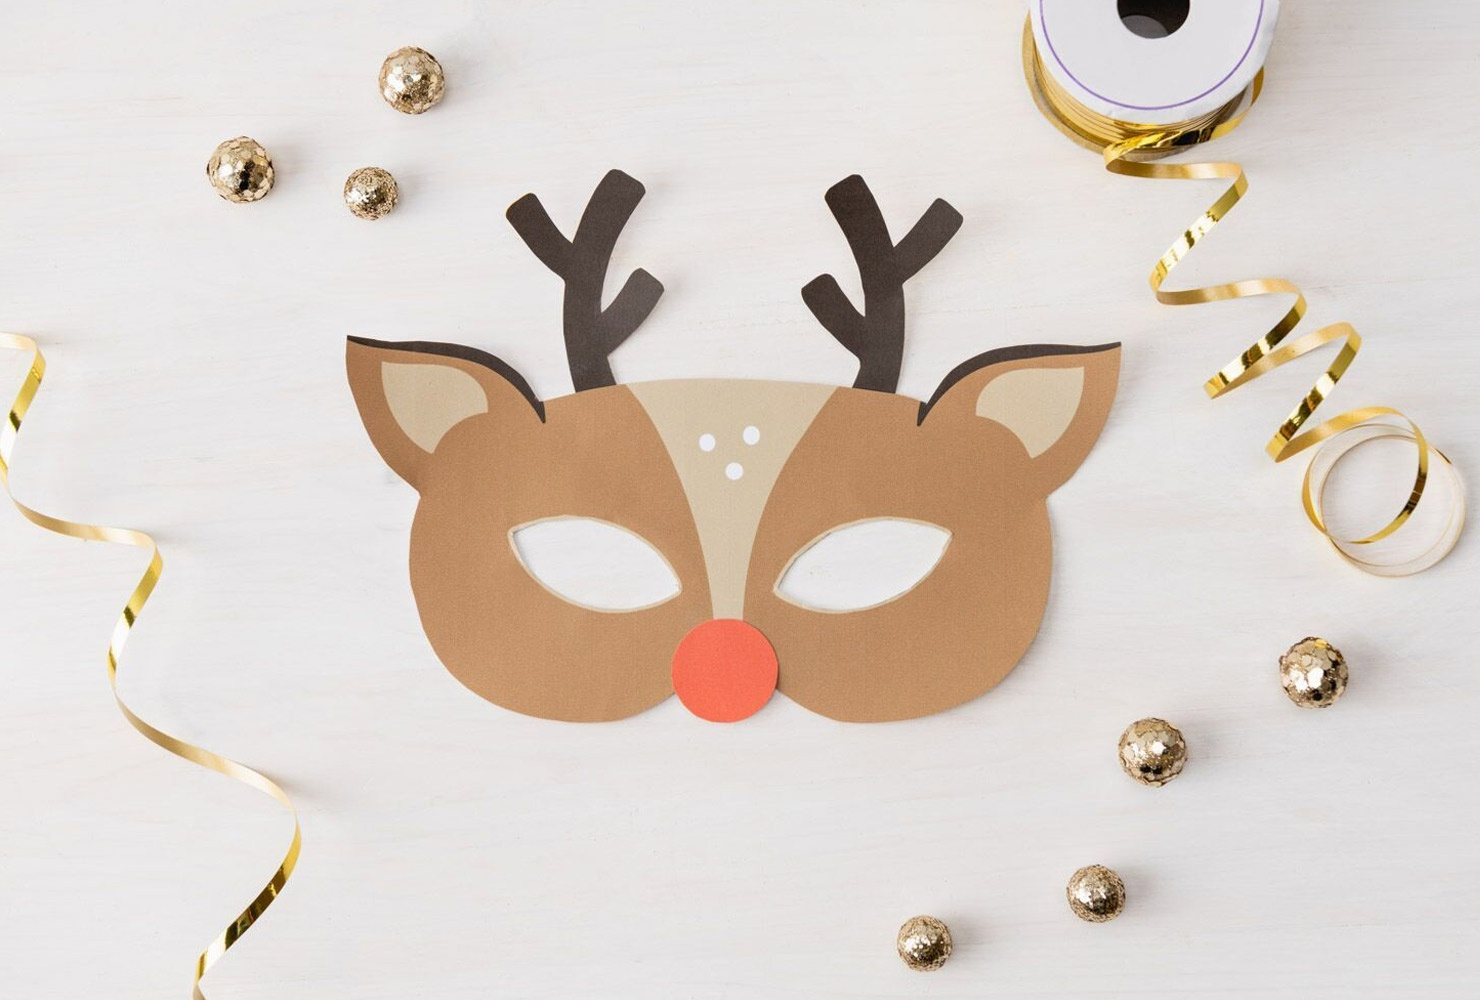 29 Christmas Crafts For Kids + Free Printable Crafts | Shutterfly - Free Printable Crafts For Preschoolers